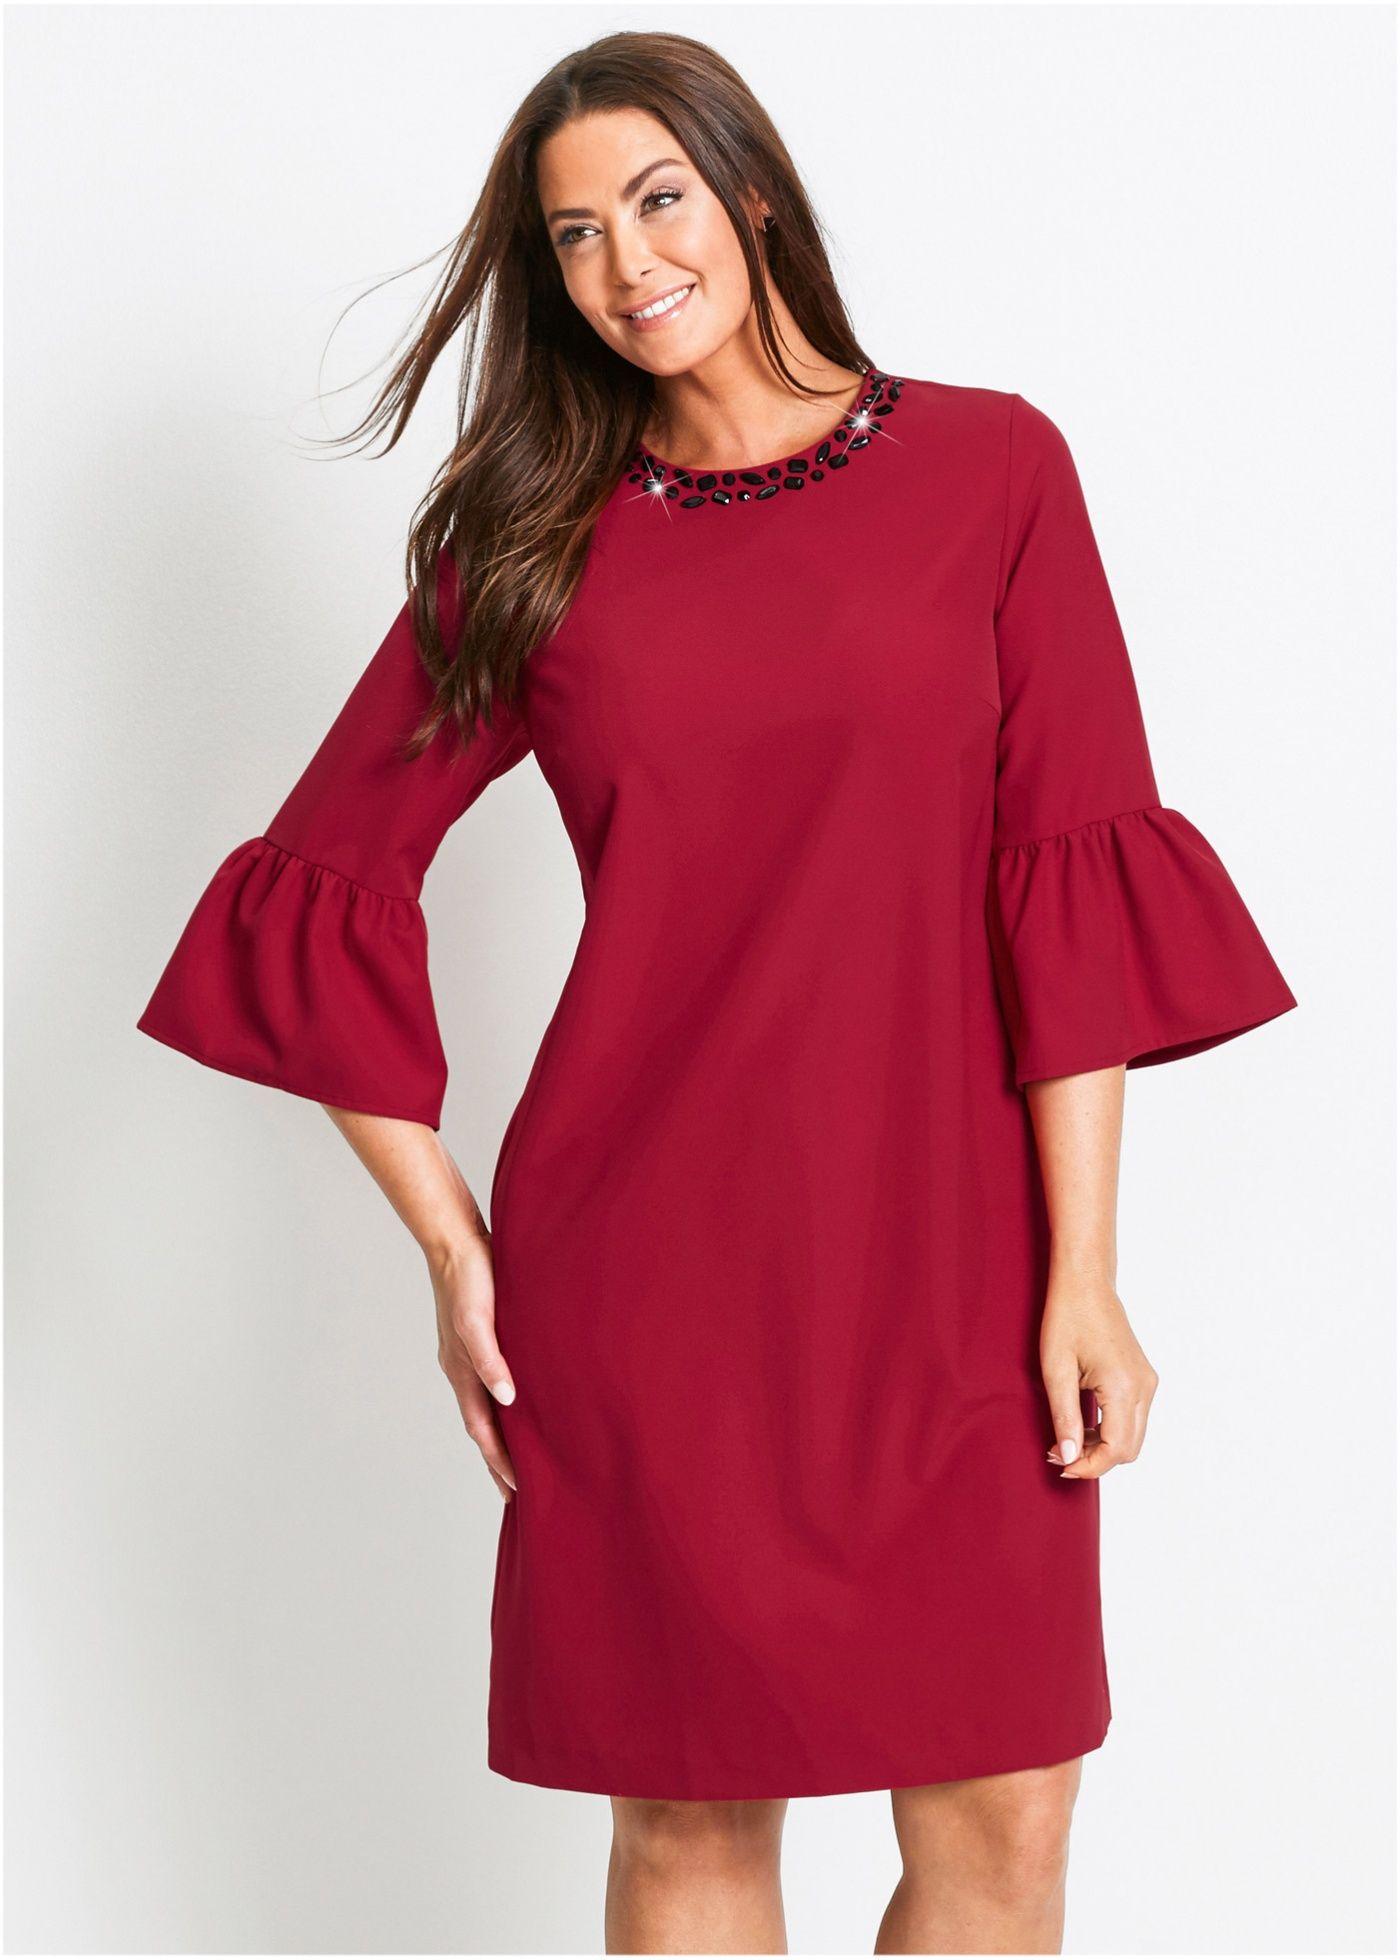 Durch die gerade, figurumspielende Schnittform wirkt dieses Kleid